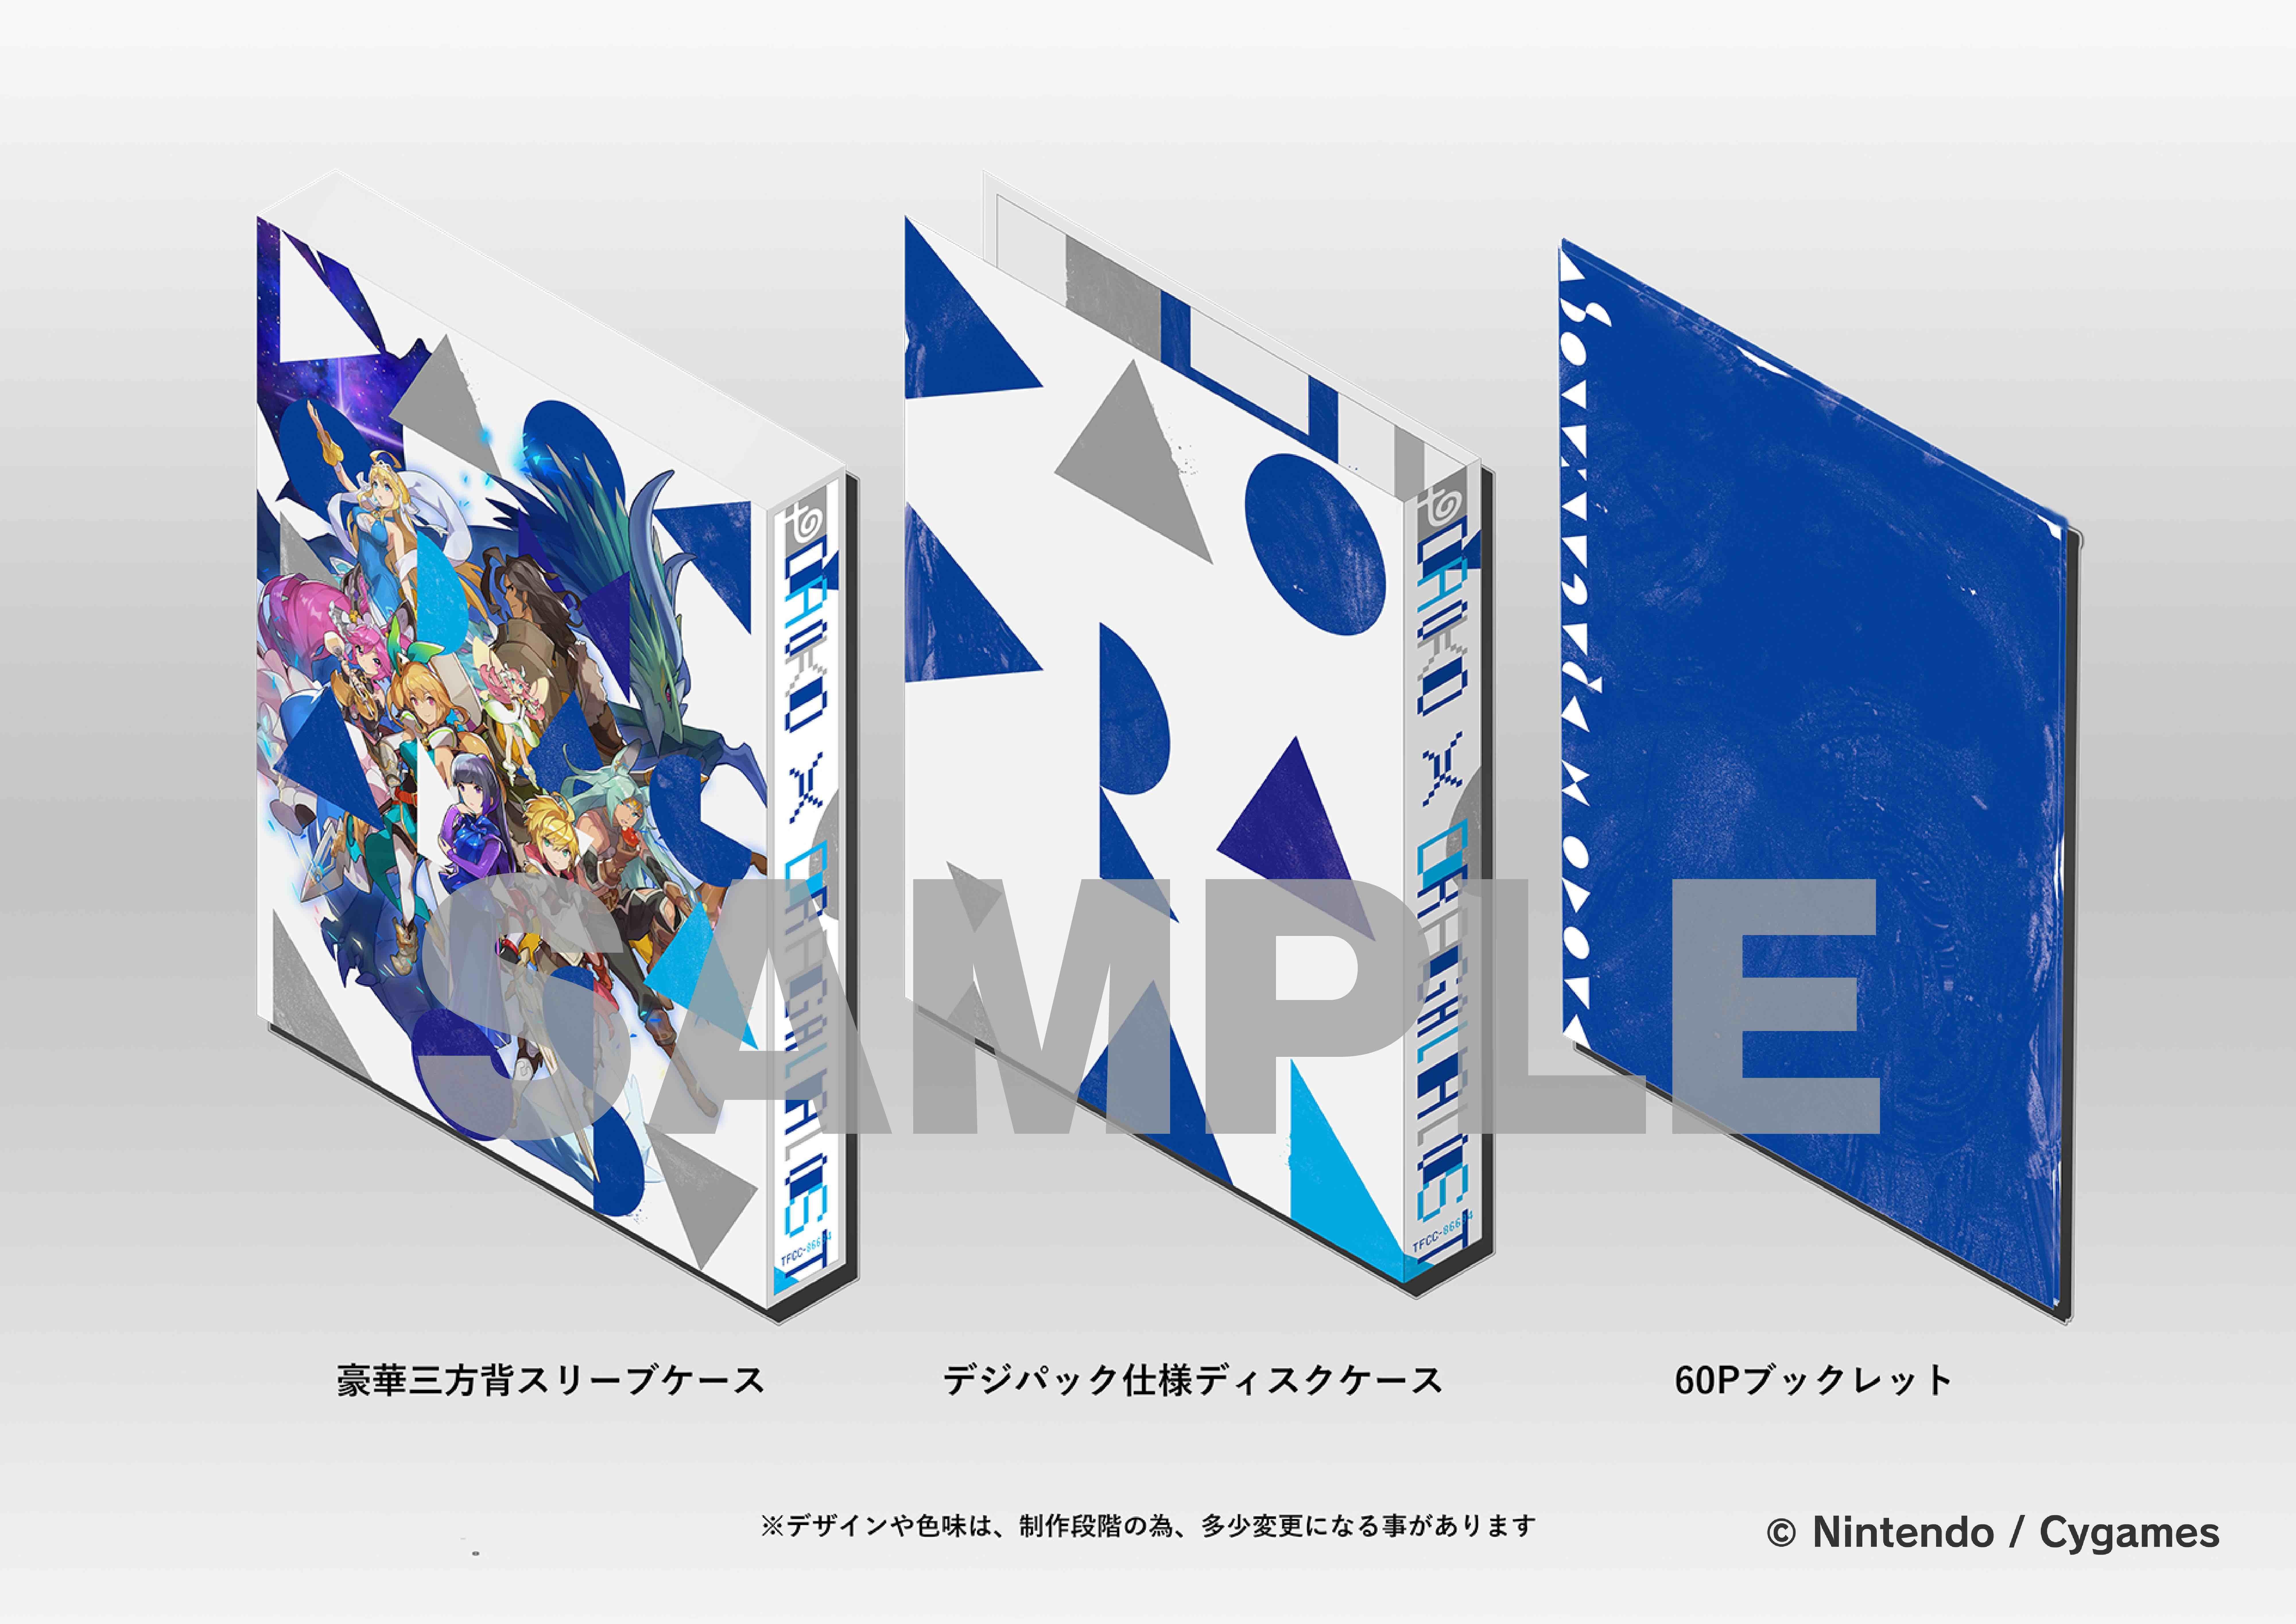 「DAOKO × ドラガリアロスト」初回限定盤 図解 (C)Nintendo/Cygames